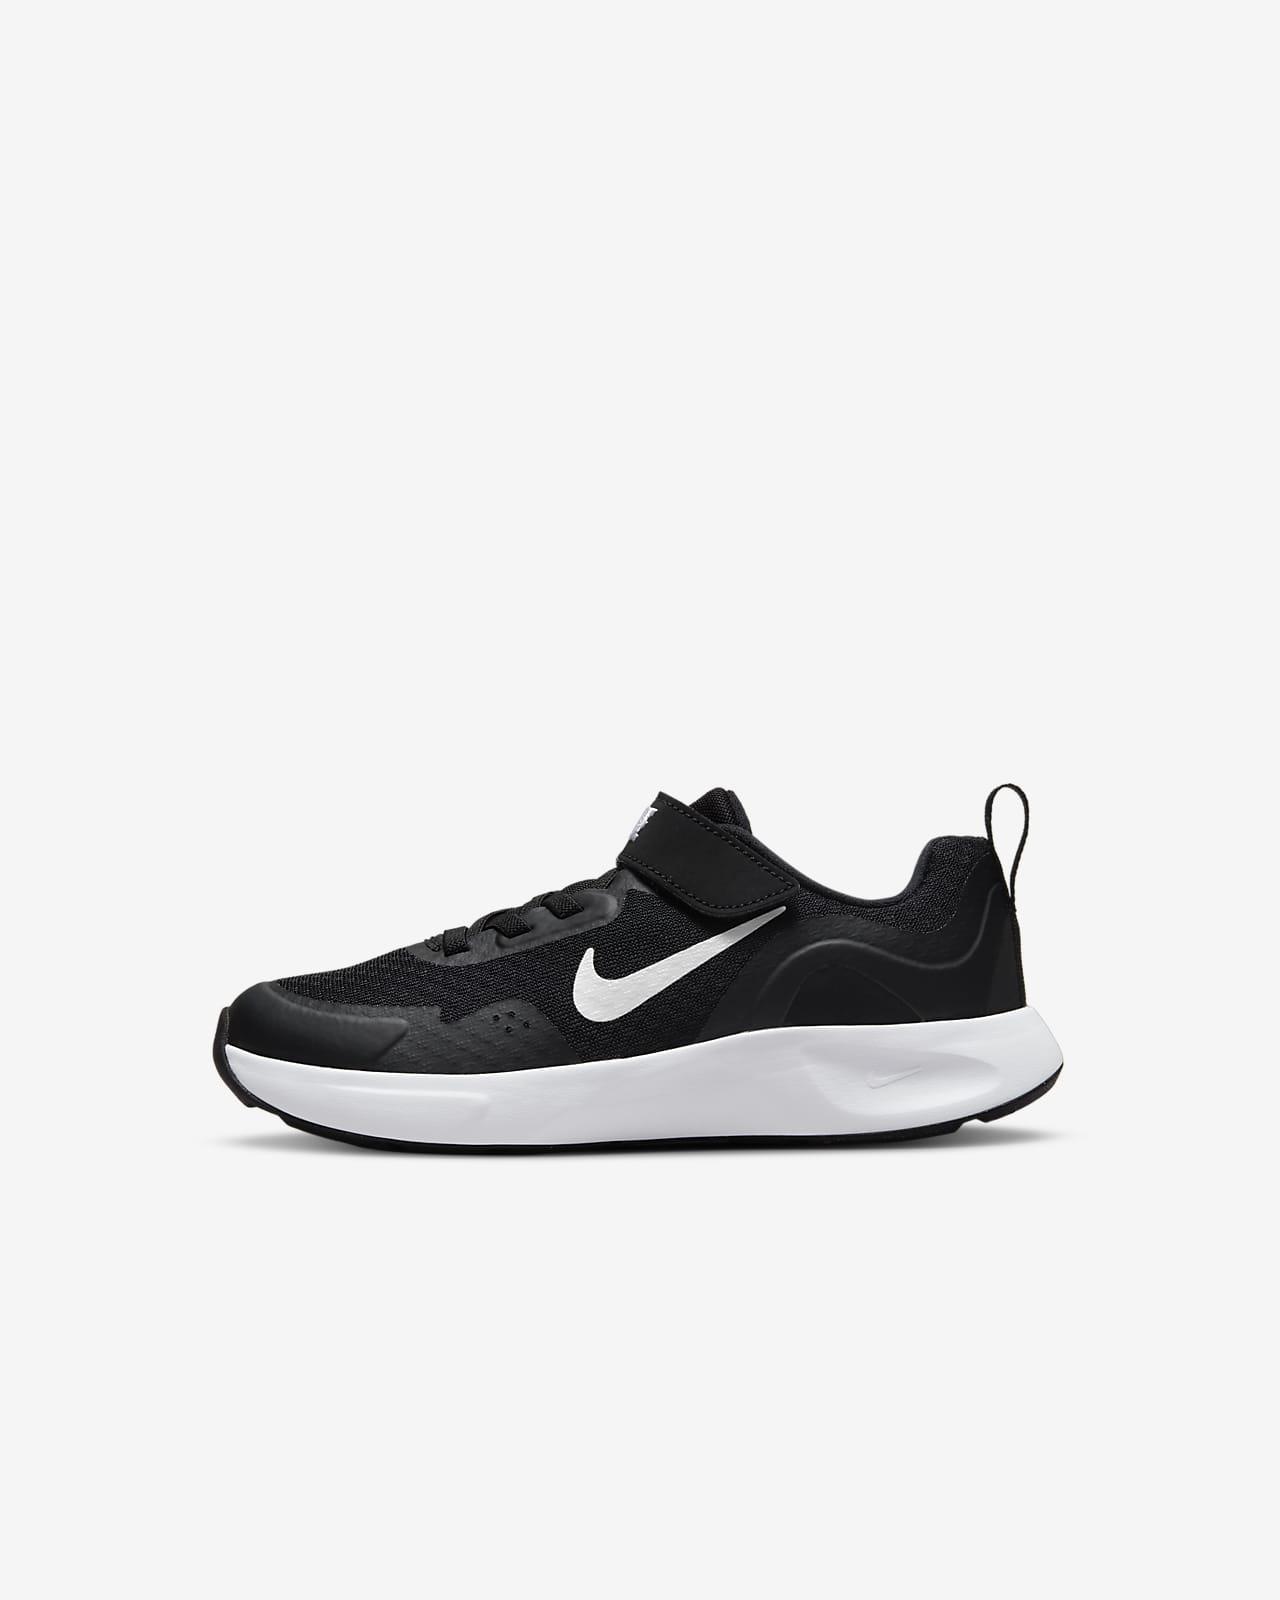 Nike WearAllDay Zapatillas - Niño/a pequeño/a